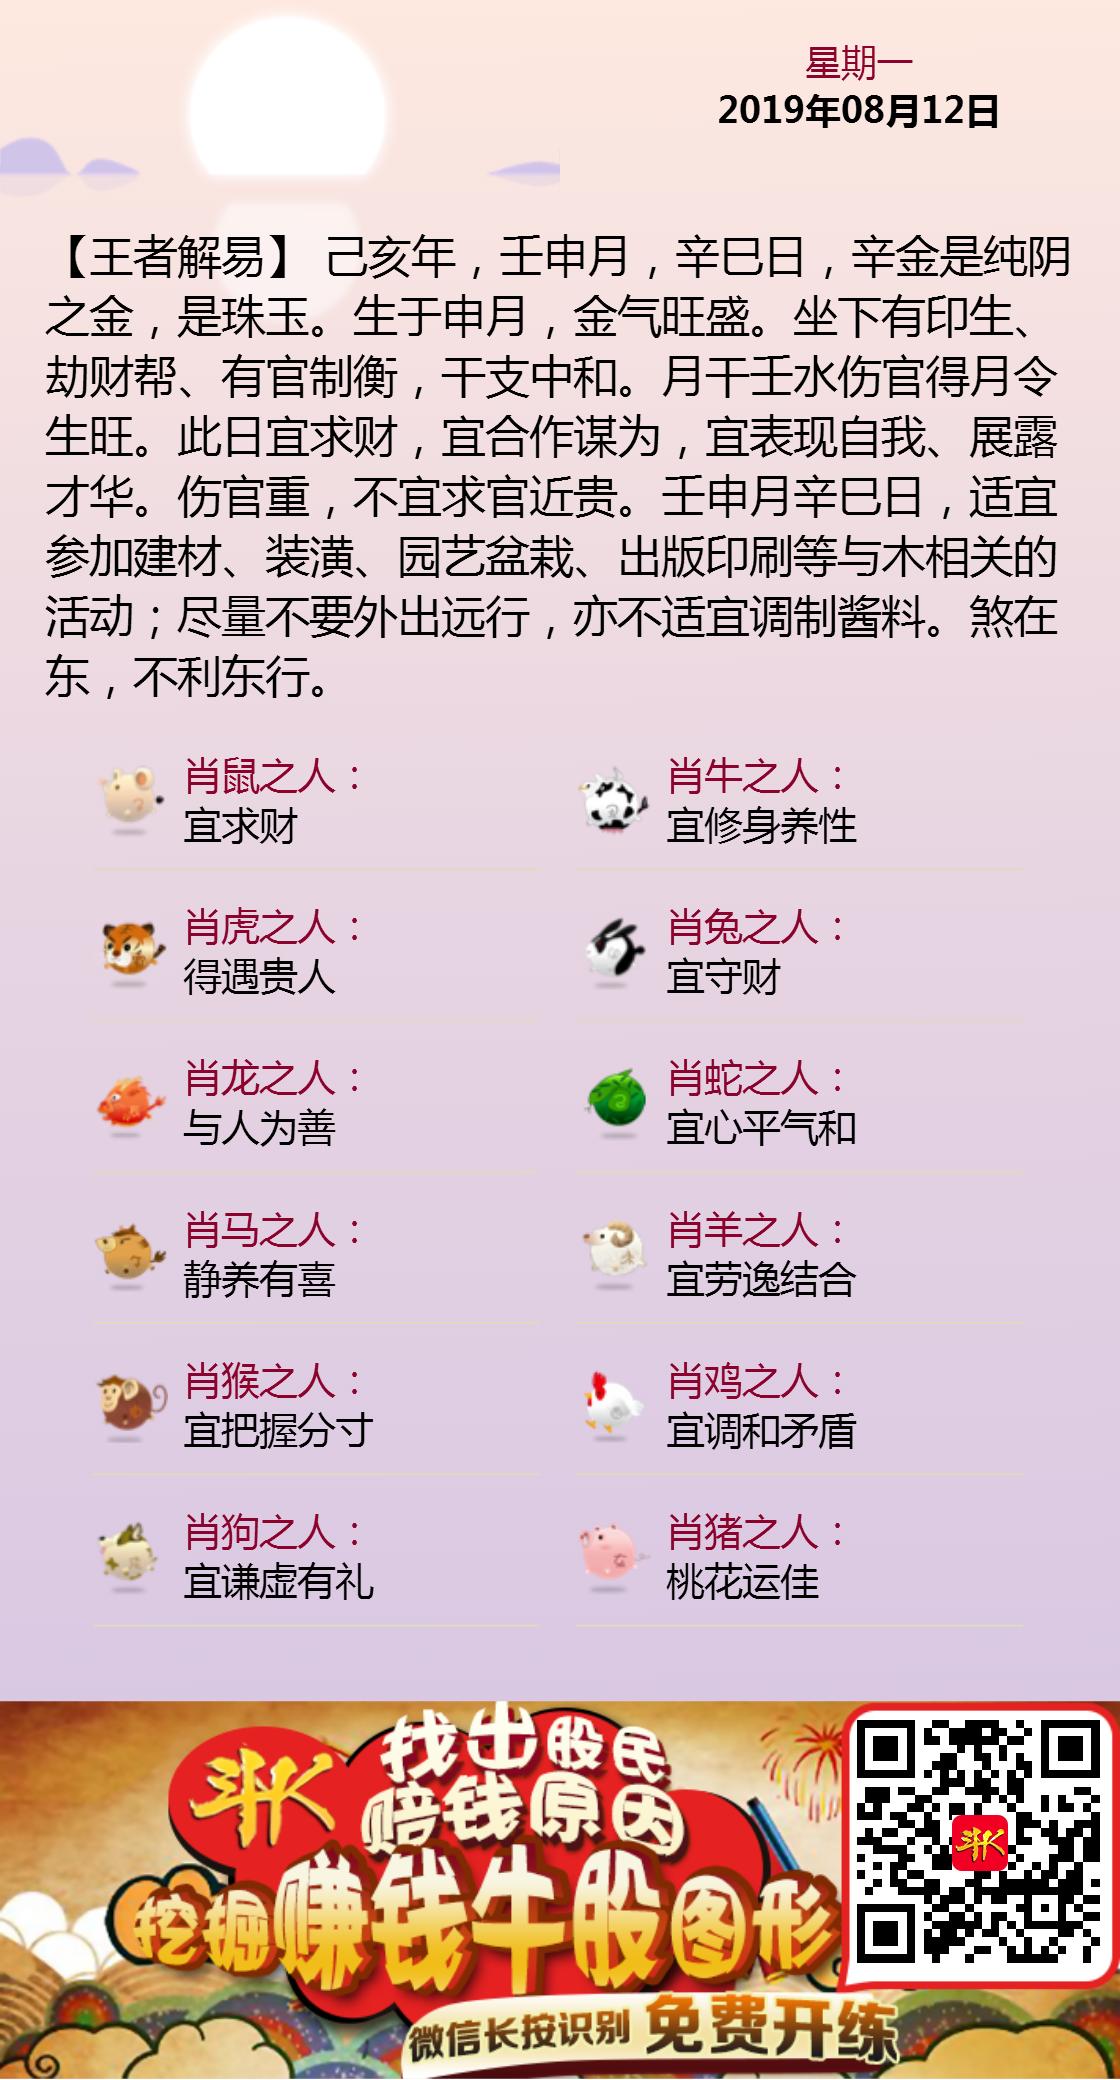 2019.8.12黄历斗K.png